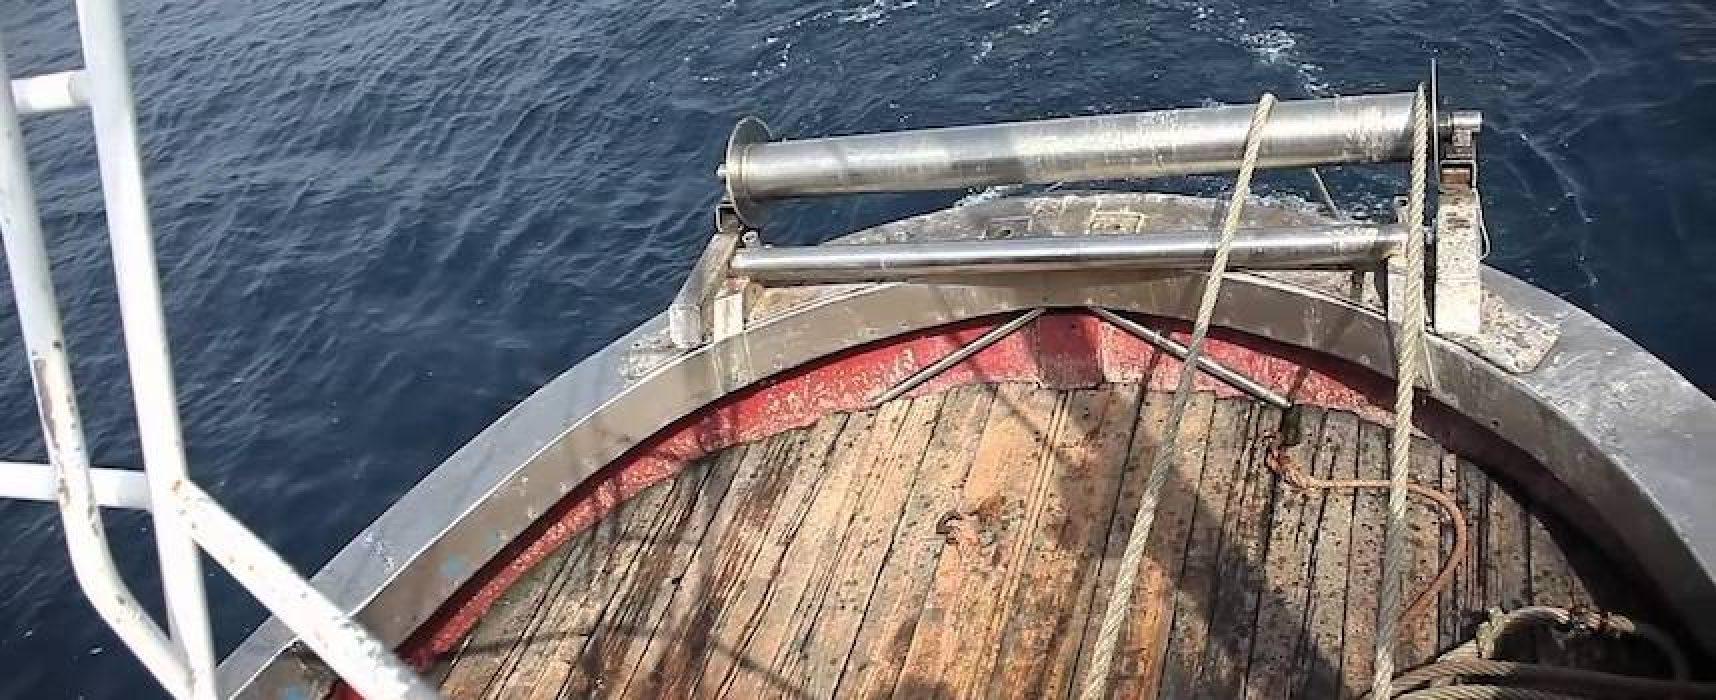 Piano di Azione per miglioramento pesca gambero bianco, oggi presentazione a Bari